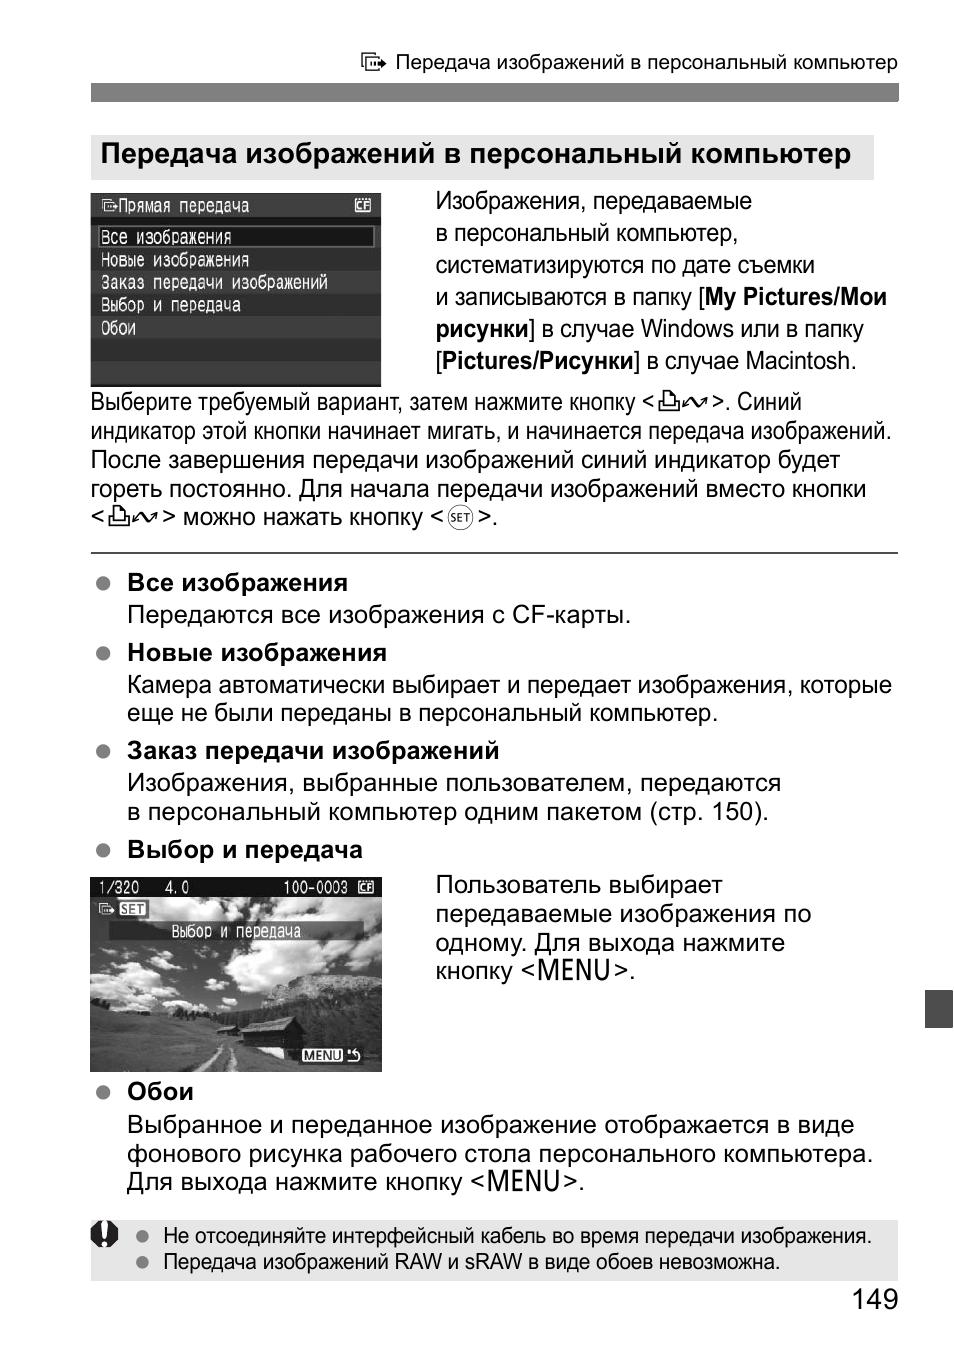 Передача изображений в персональный компьютер | Инструкция